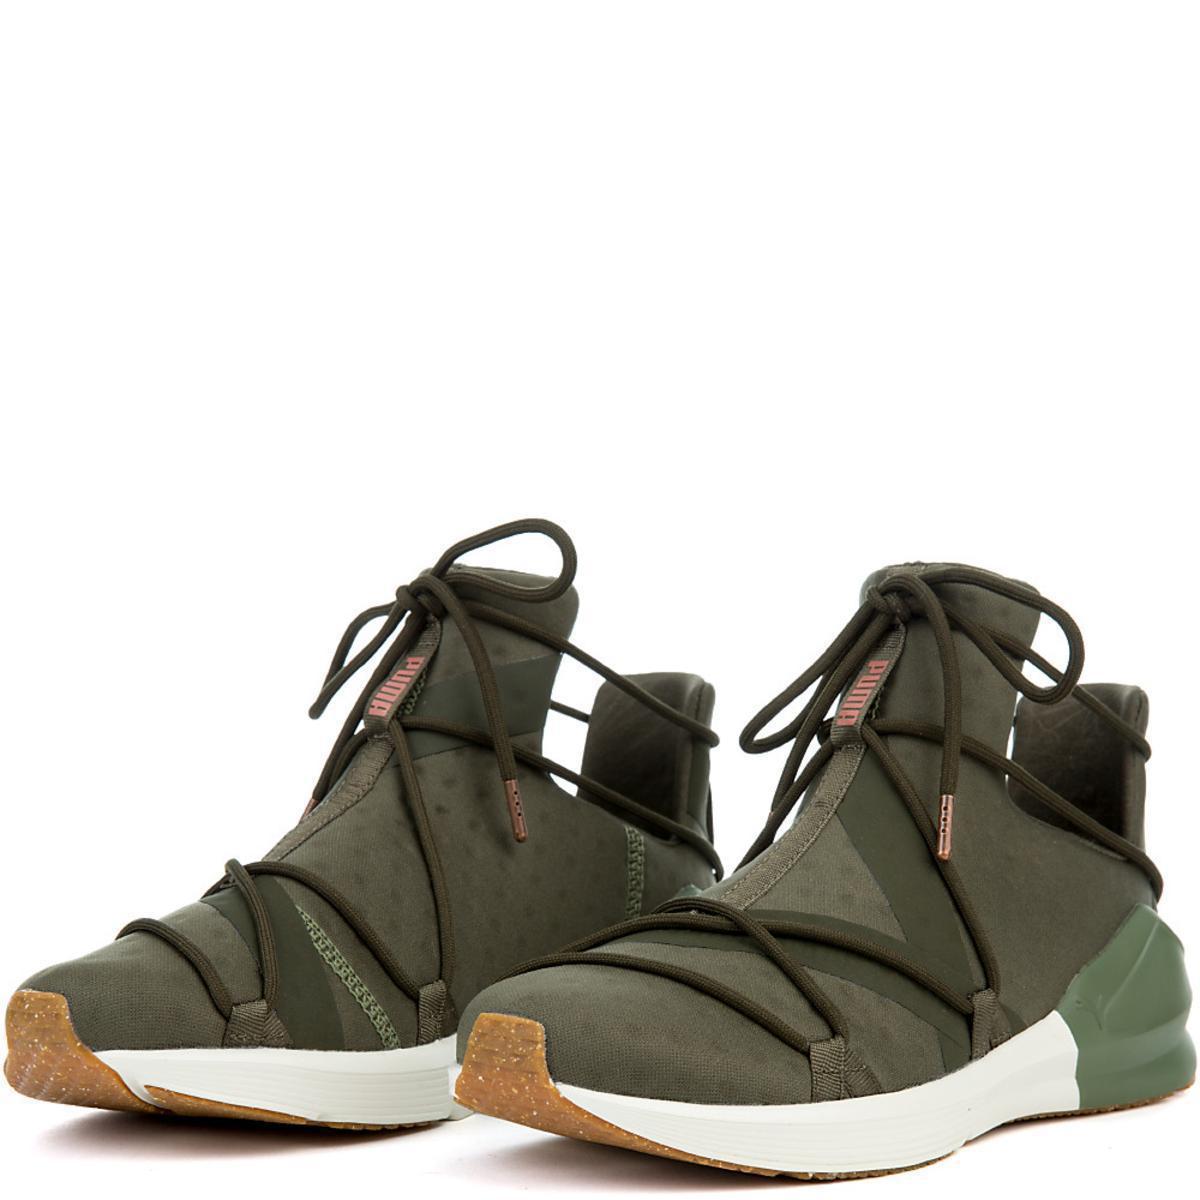 PUMA Fierce Rope Vr Sneaker in Green - Lyst